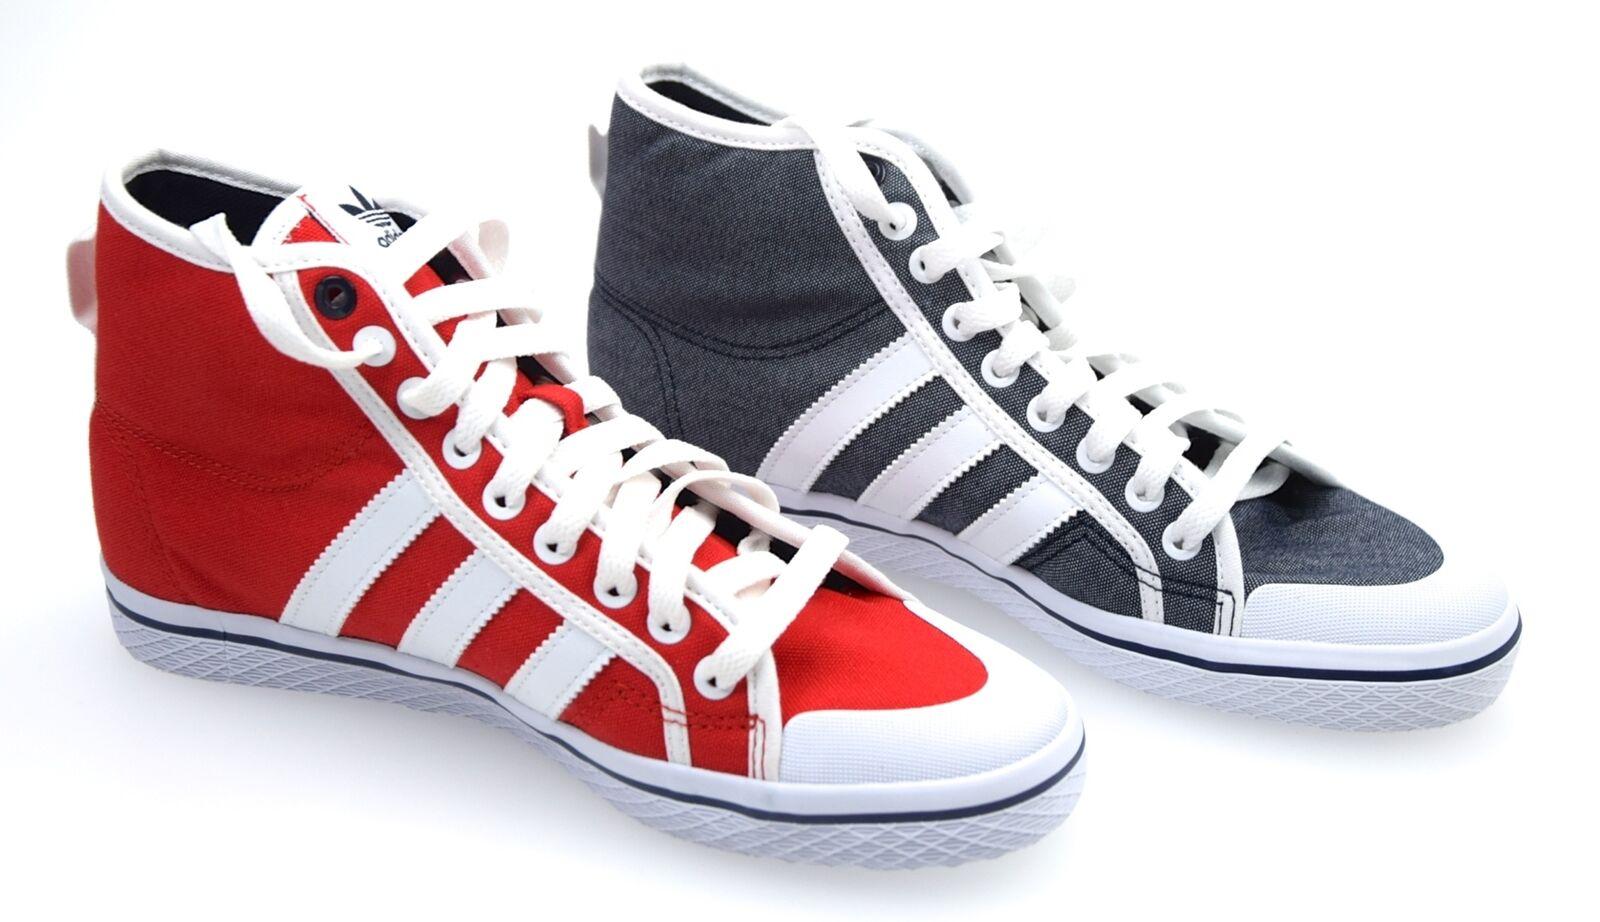 Adidas Mujer Zapatillas Zapatillas Zapatillas Zapatos Casuales de código de tiempo libre de algodón Q23316-Q23318  descuento